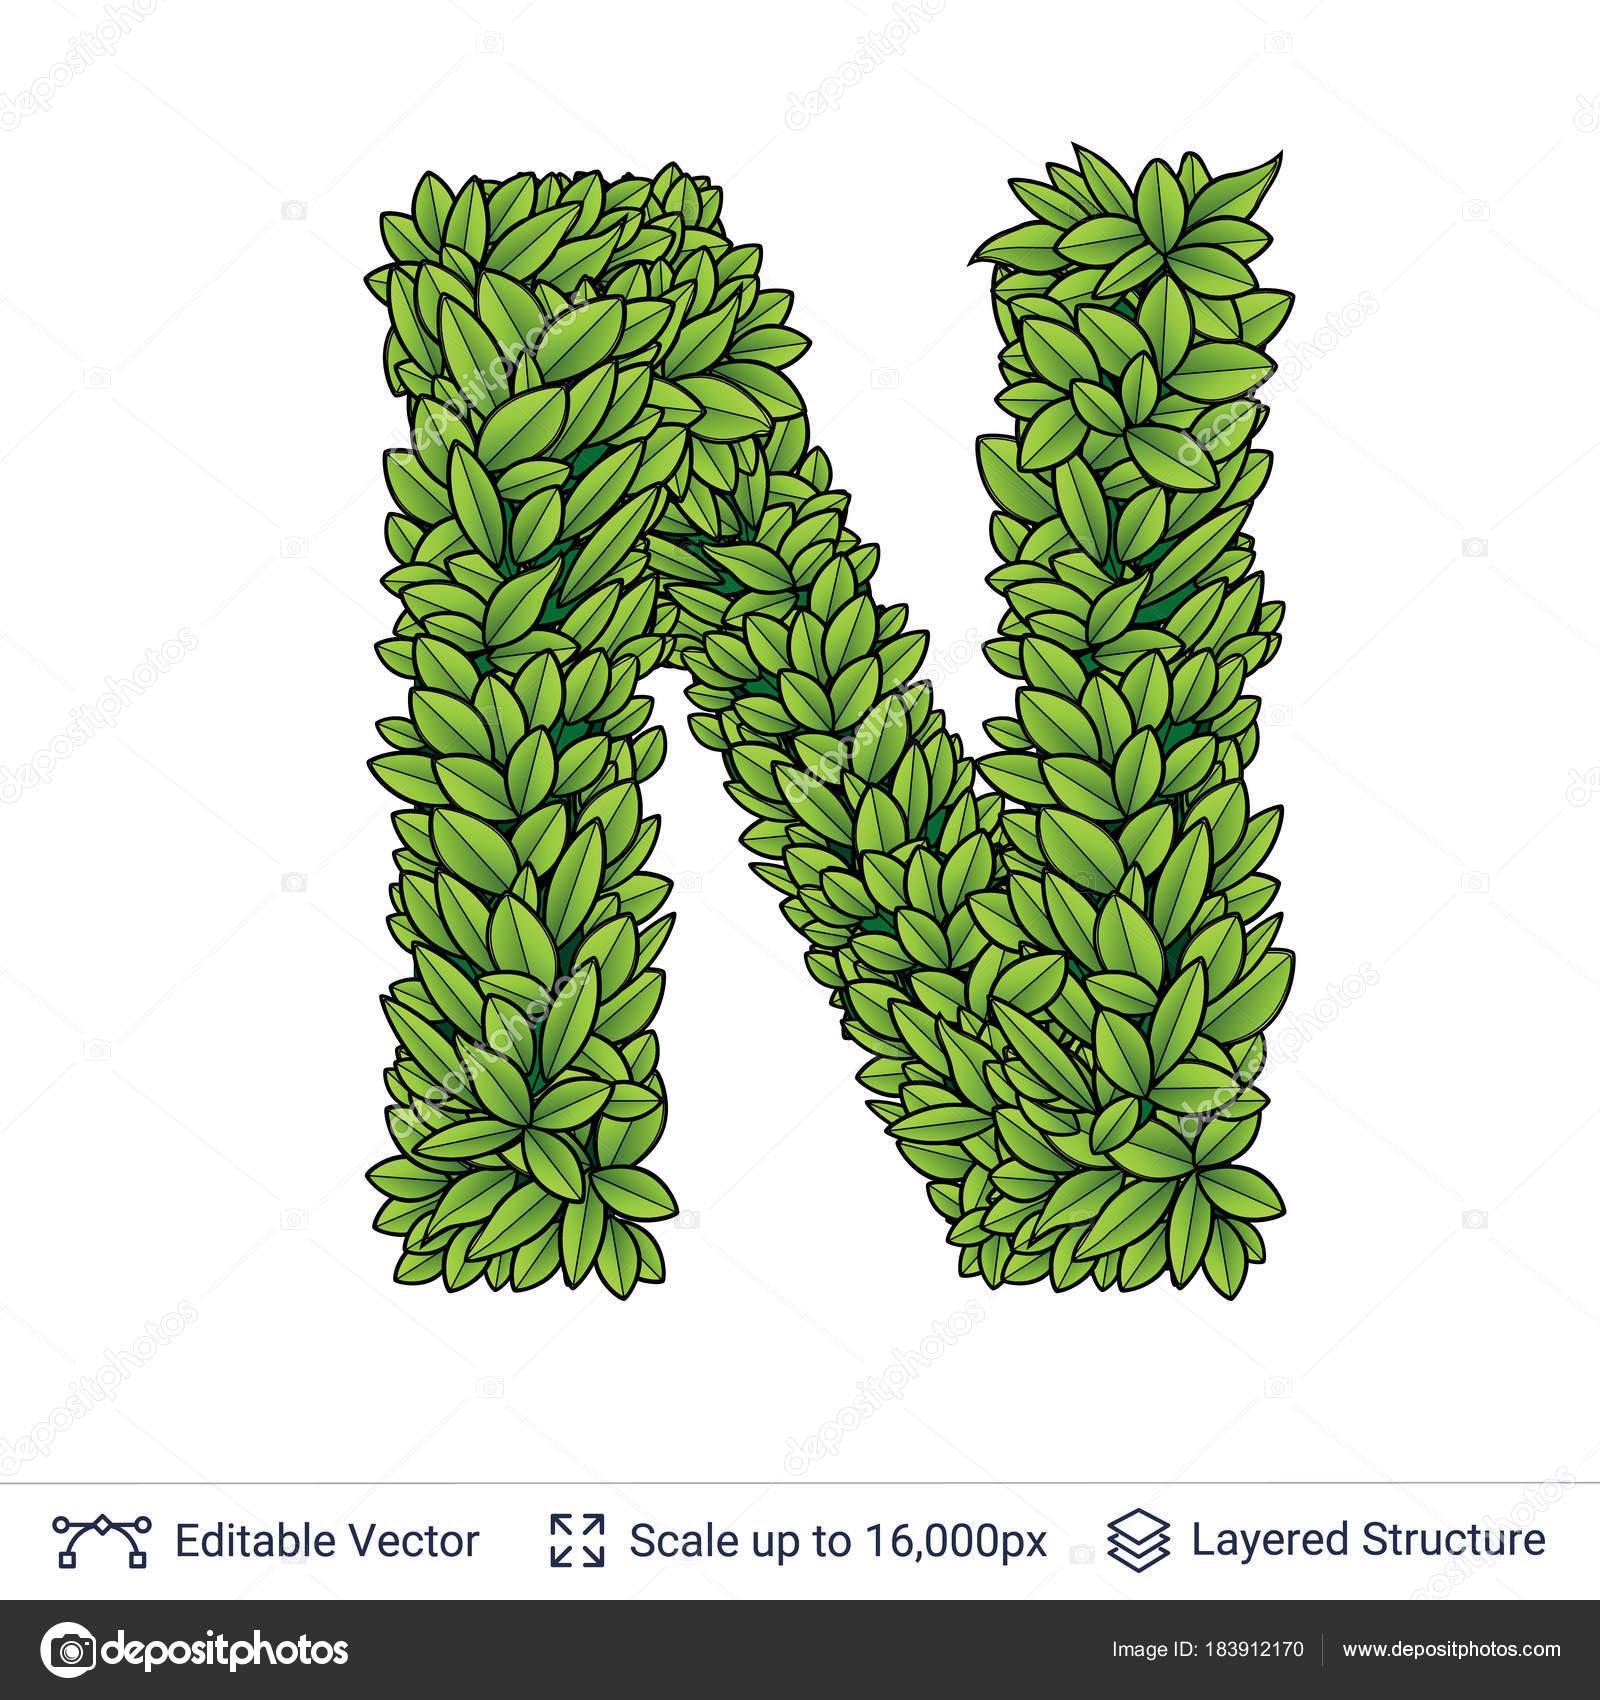 N Chuhail